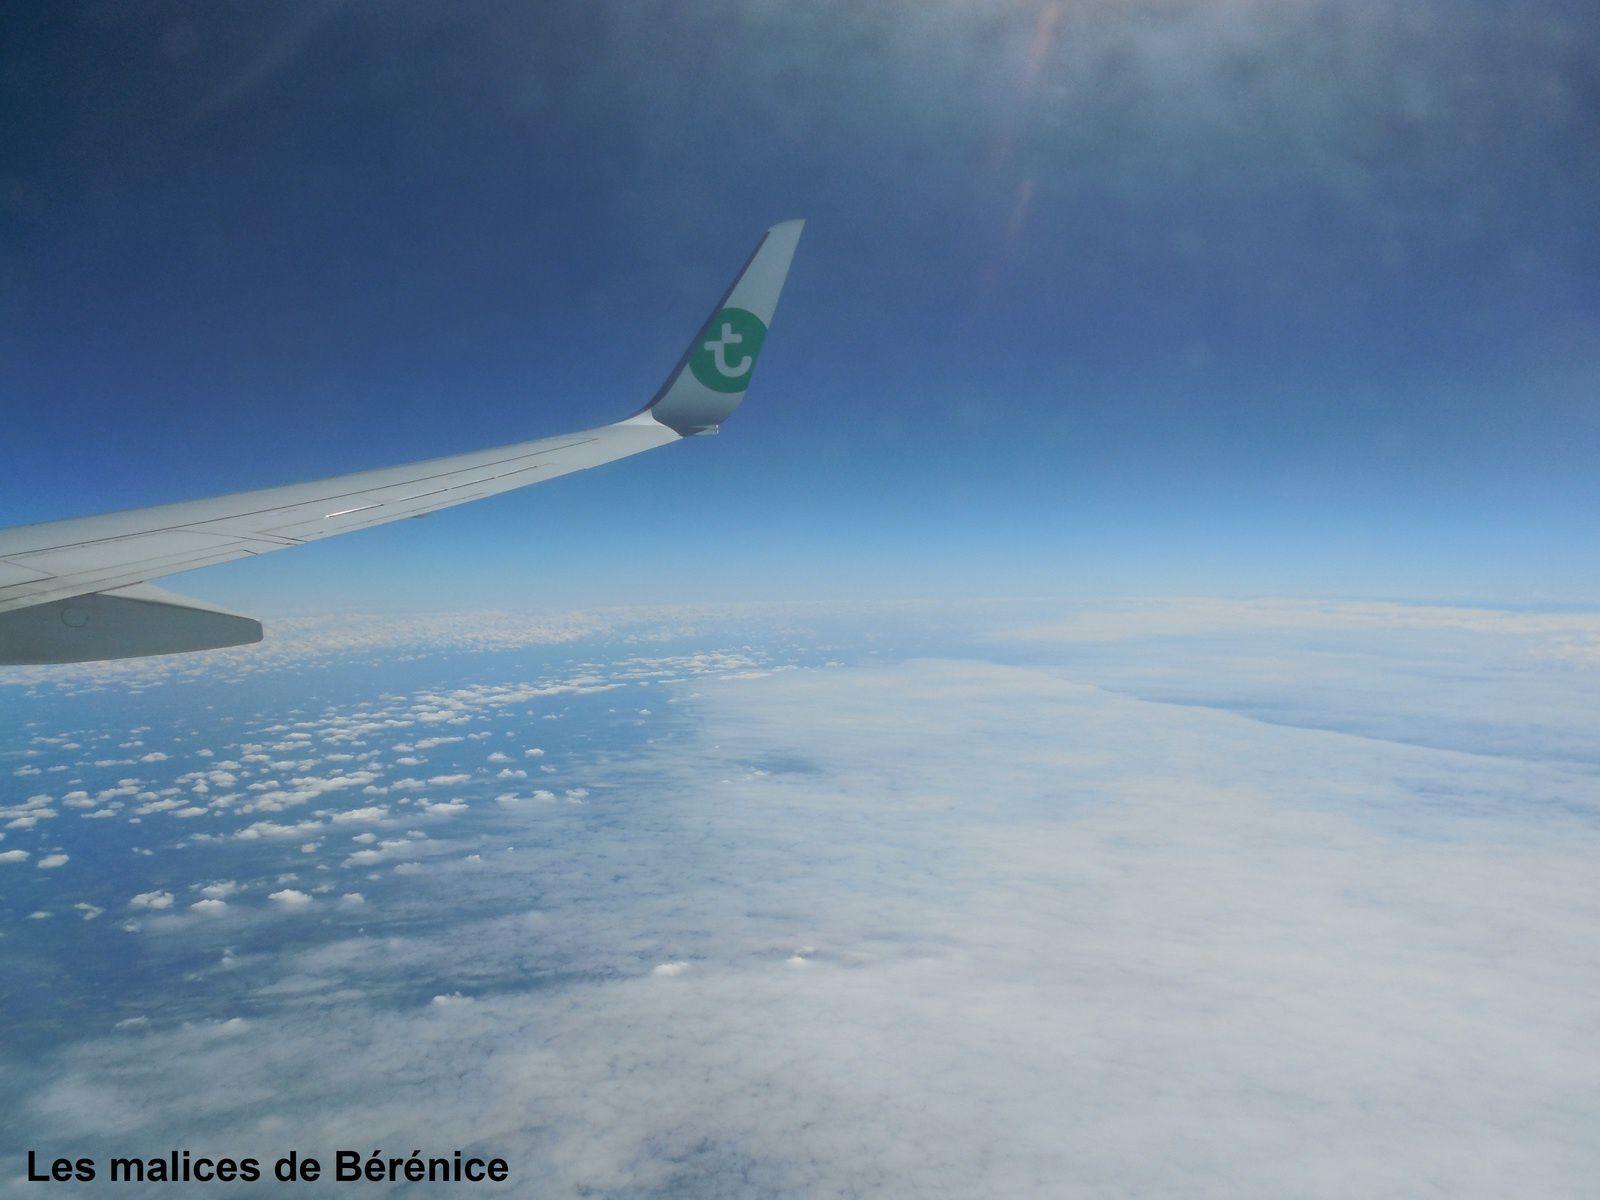 Airplanes, lieu de prise : au dessus du Portugal